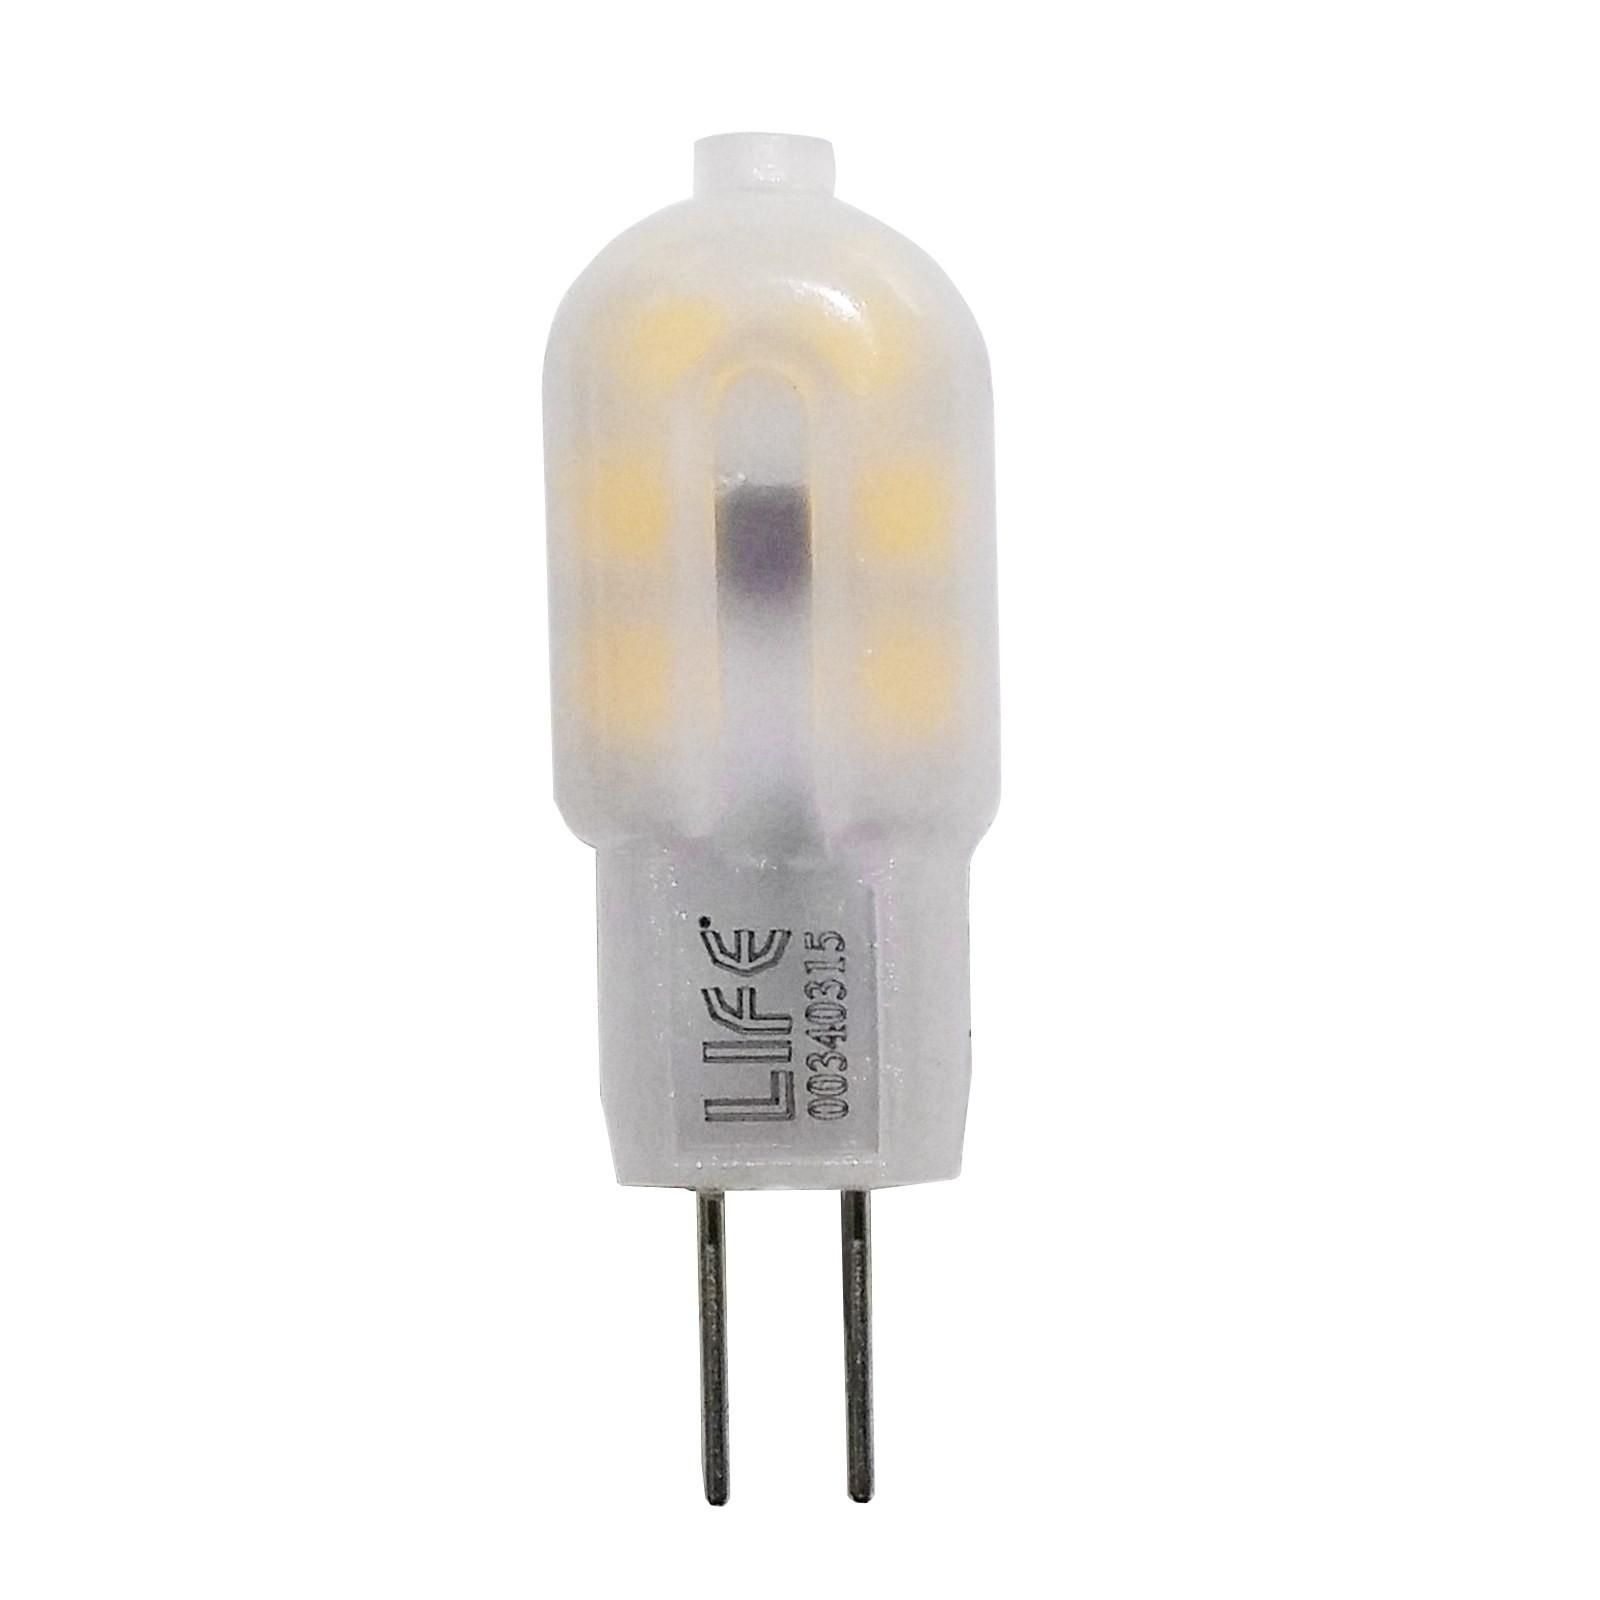 lampadina per faretto : Lampada Lampadina G4 1,5 W Led SMD Luce Bianco Caldo per Faretto 12V 2 ...